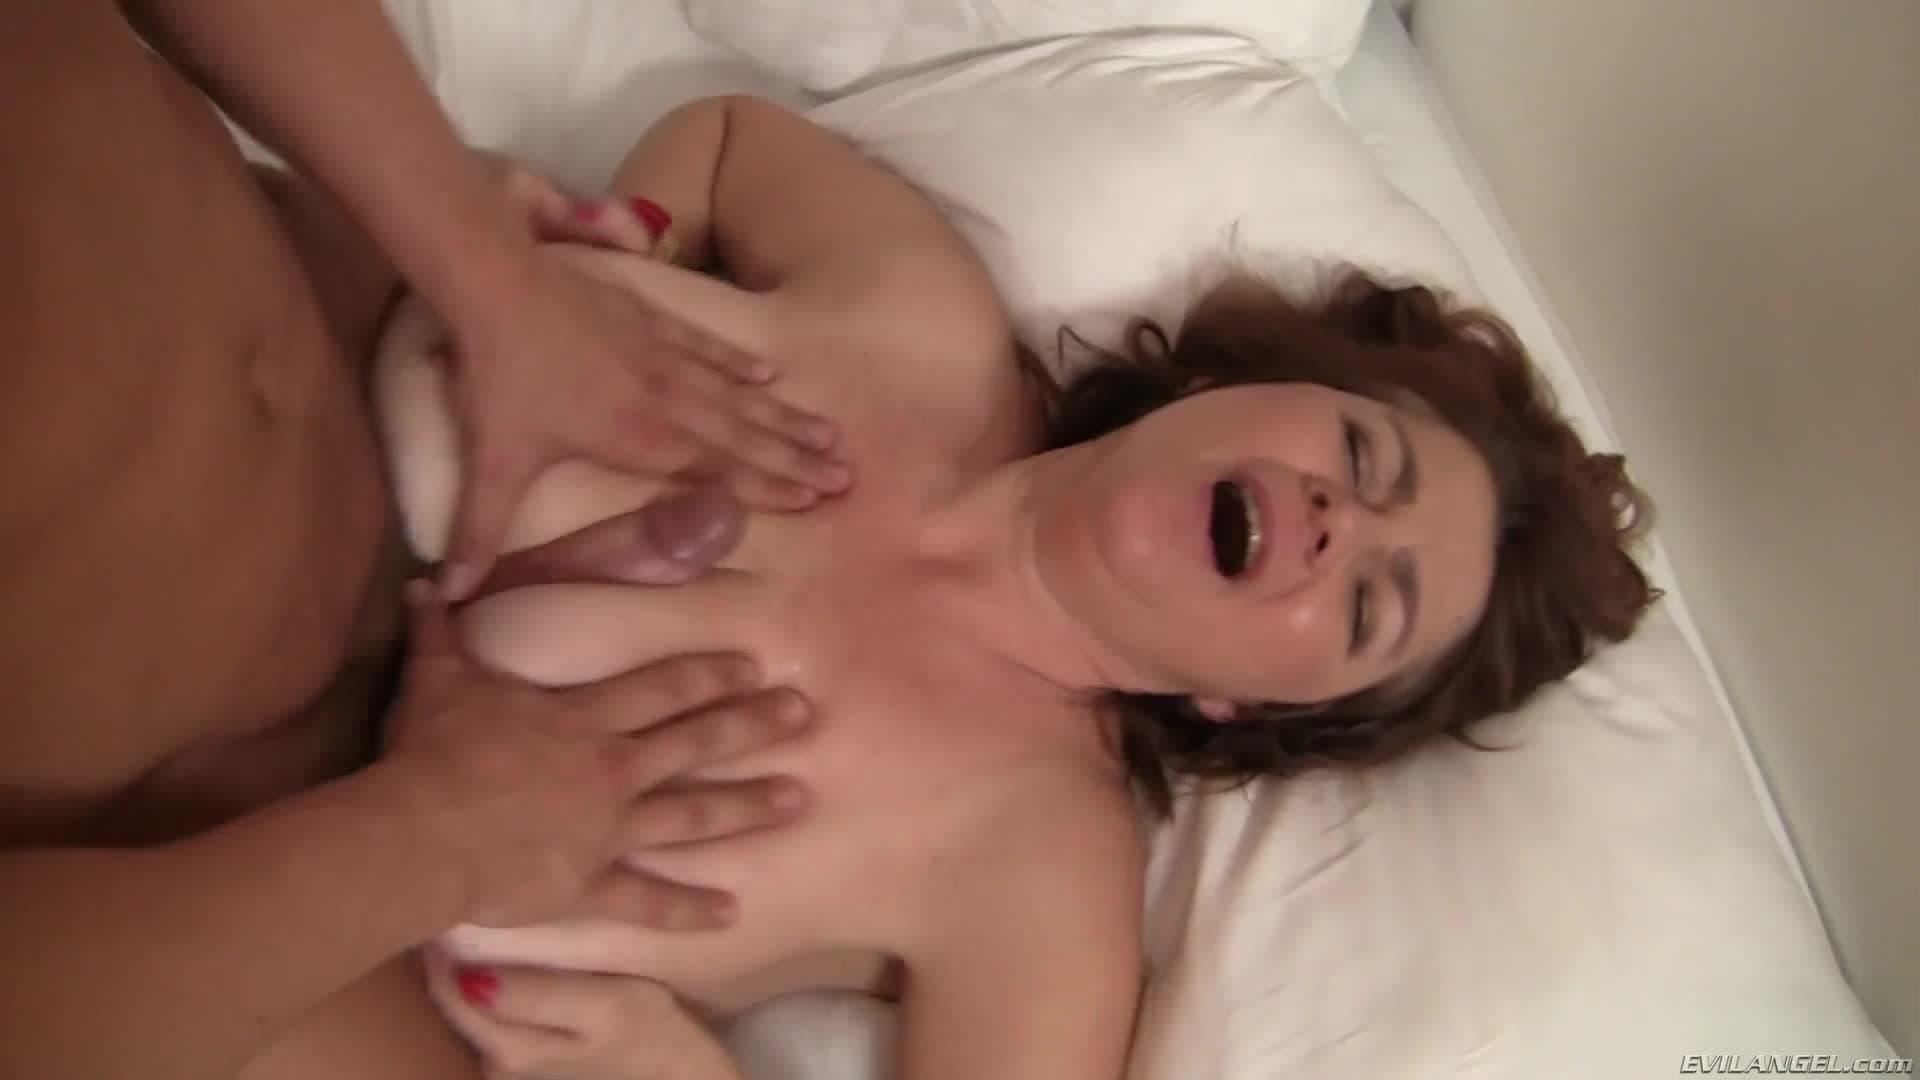 Abuelas Argentinas Porno Duro esta mujer madura es argentina y quiere que le den mucho